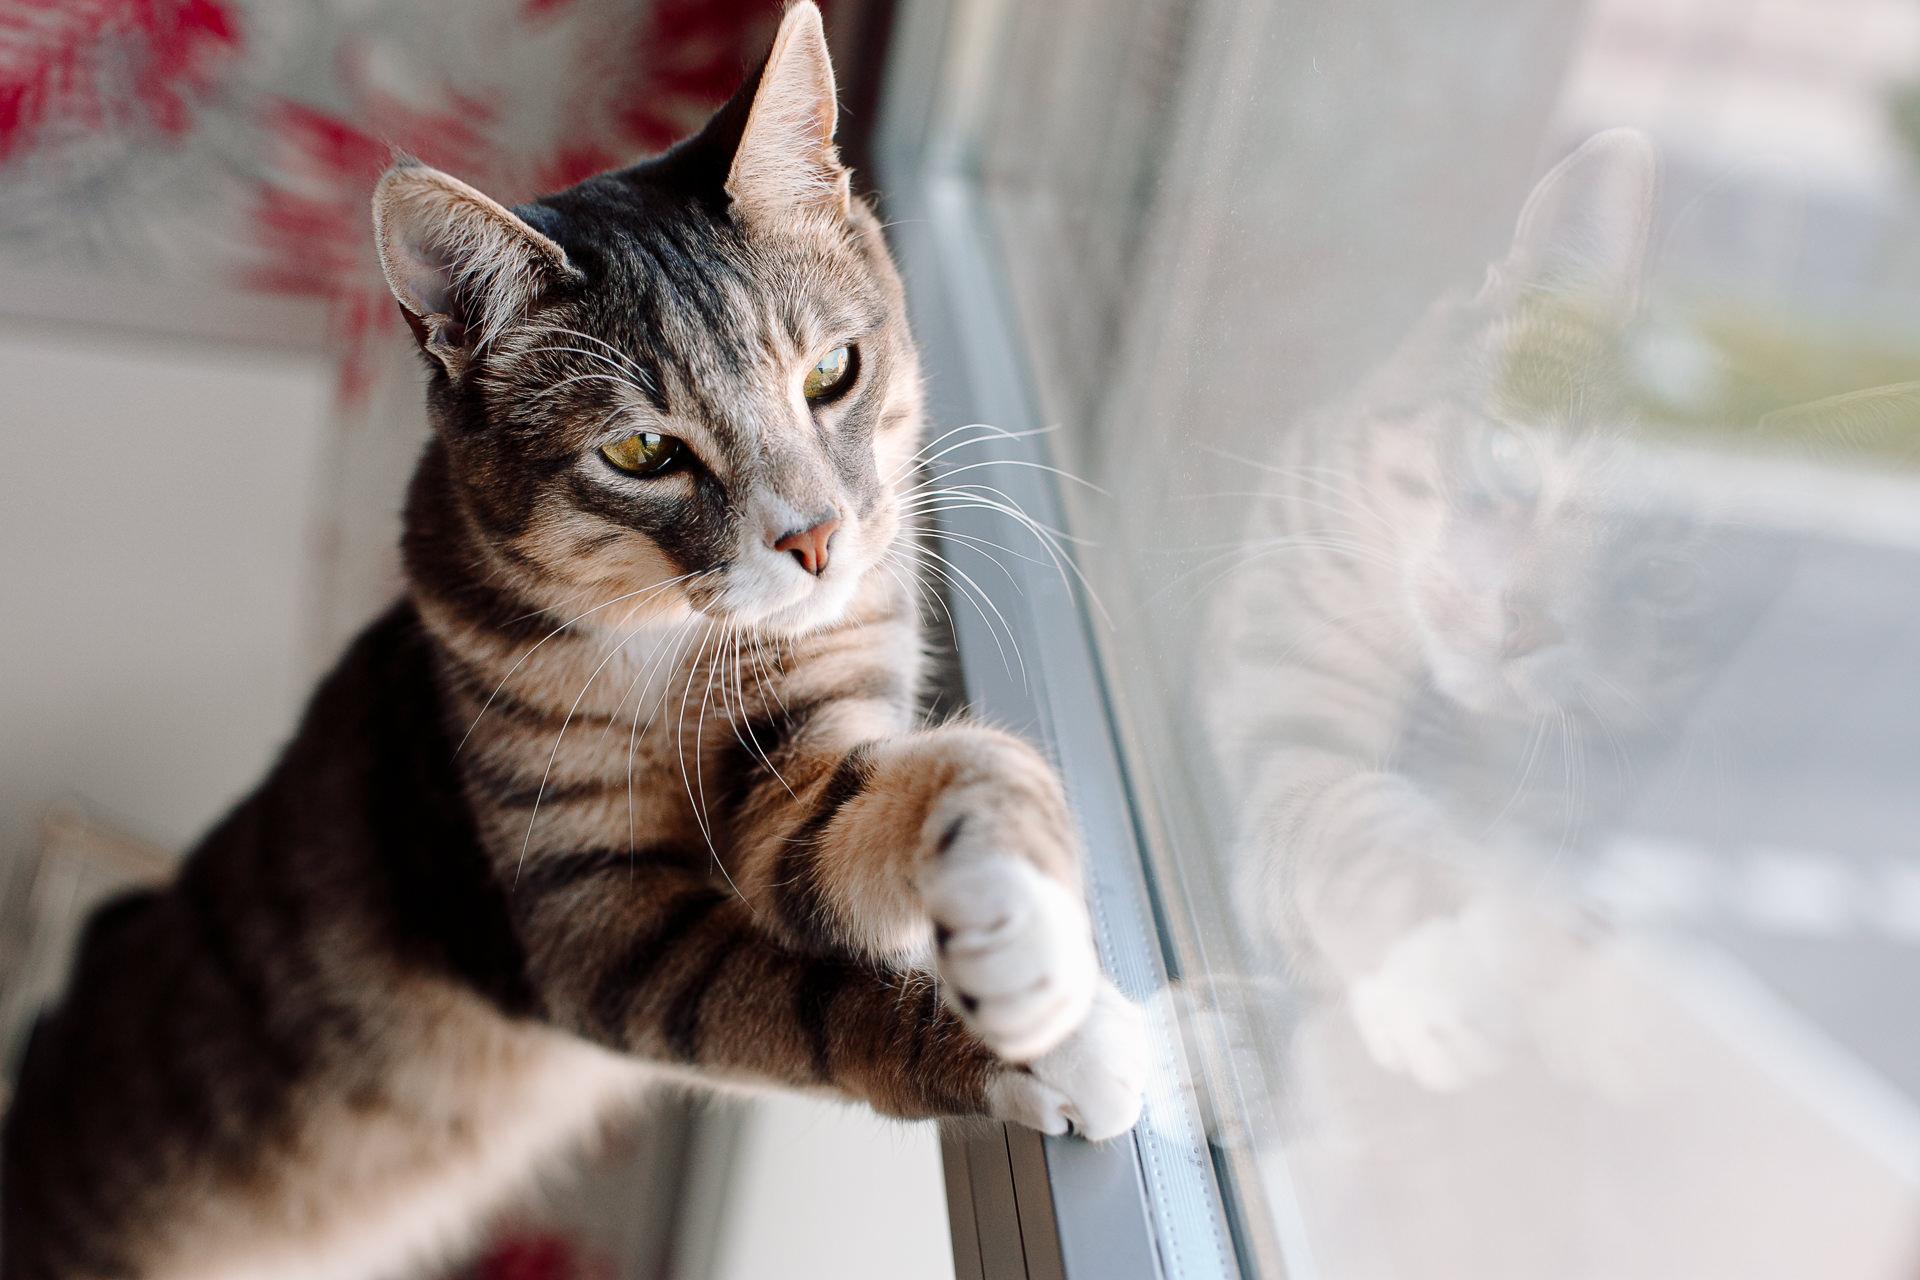 sesion fotos perro gato barcelona 184546